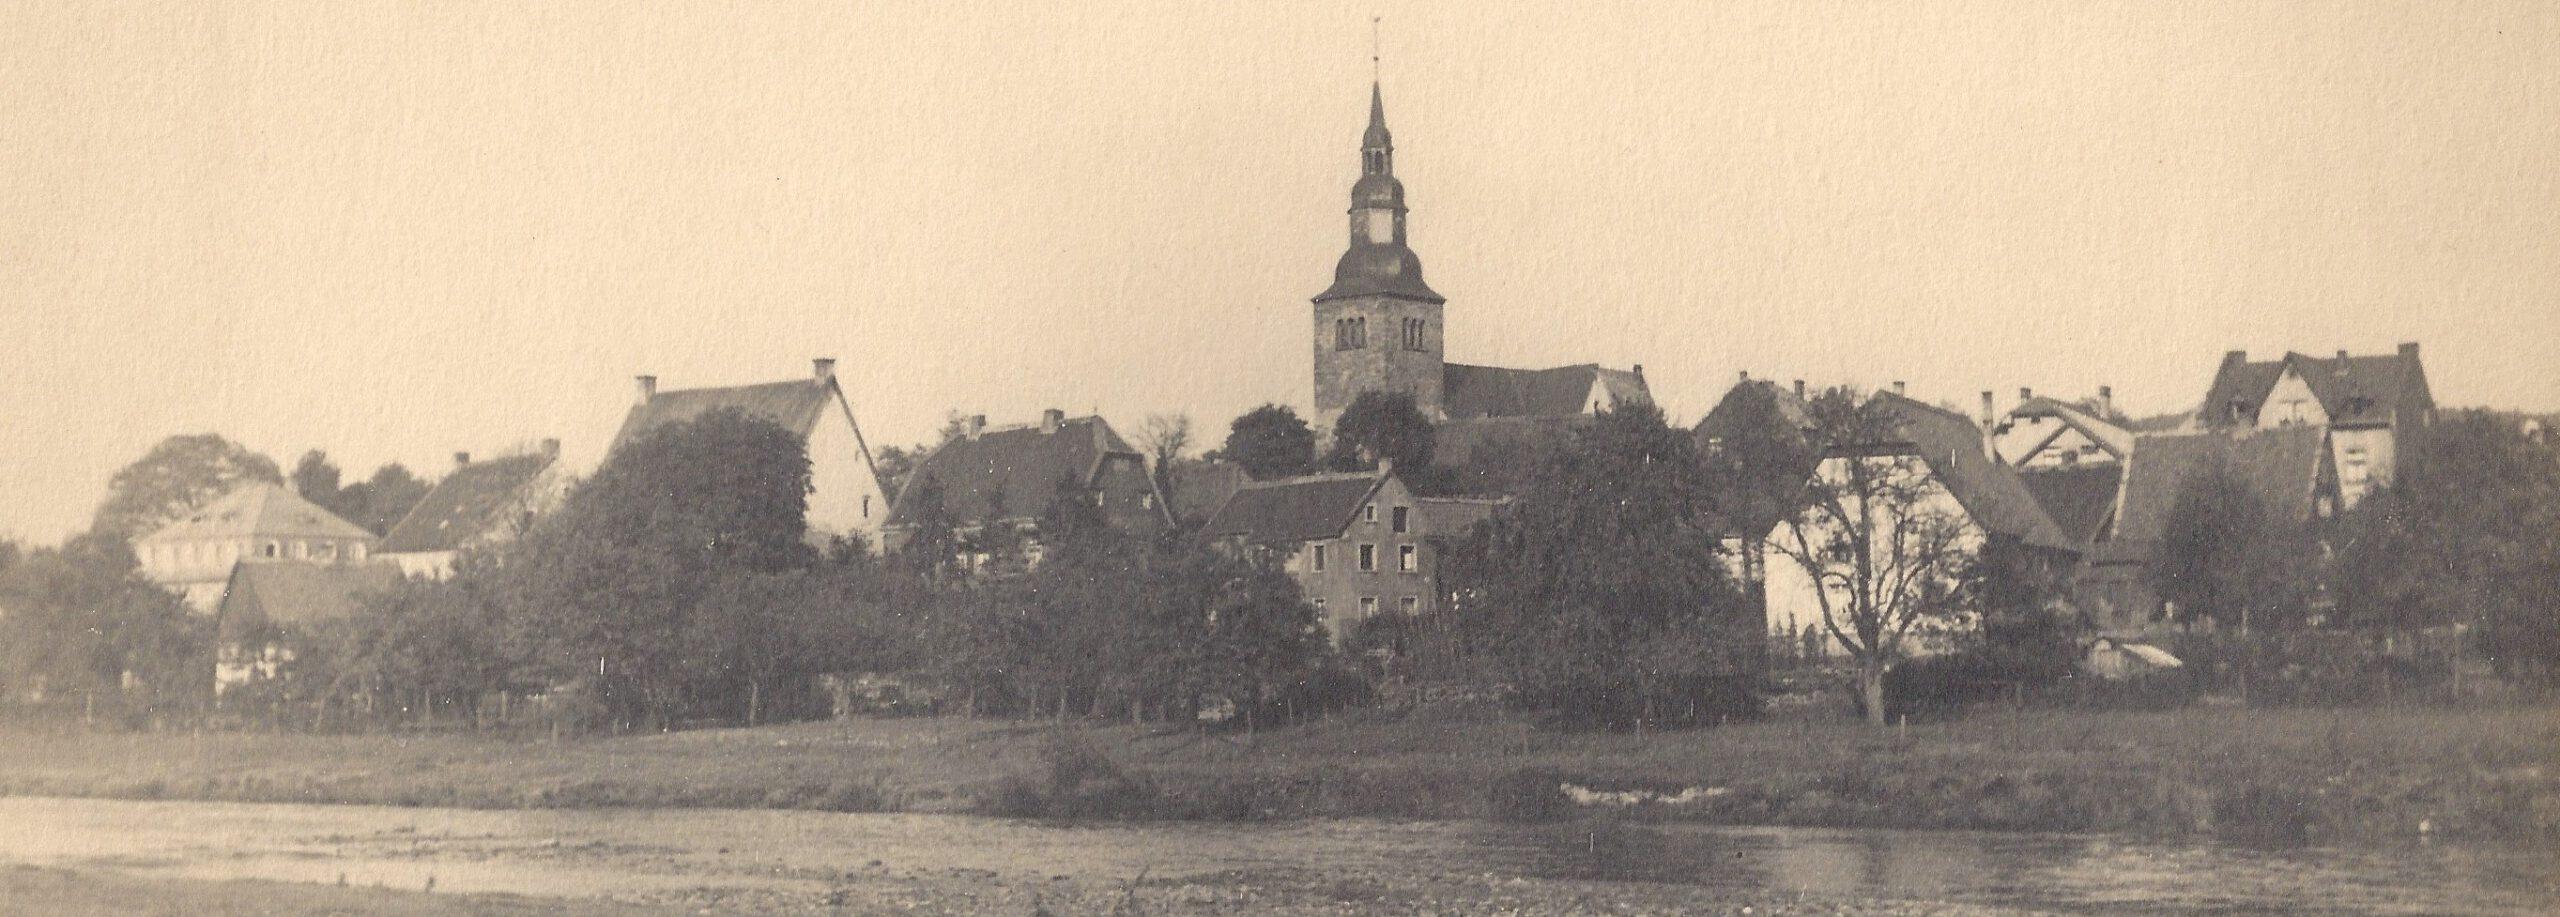 Heimatverein Hohenlimburg Bilder-Datenbank. Foto: Vereinsarchiv